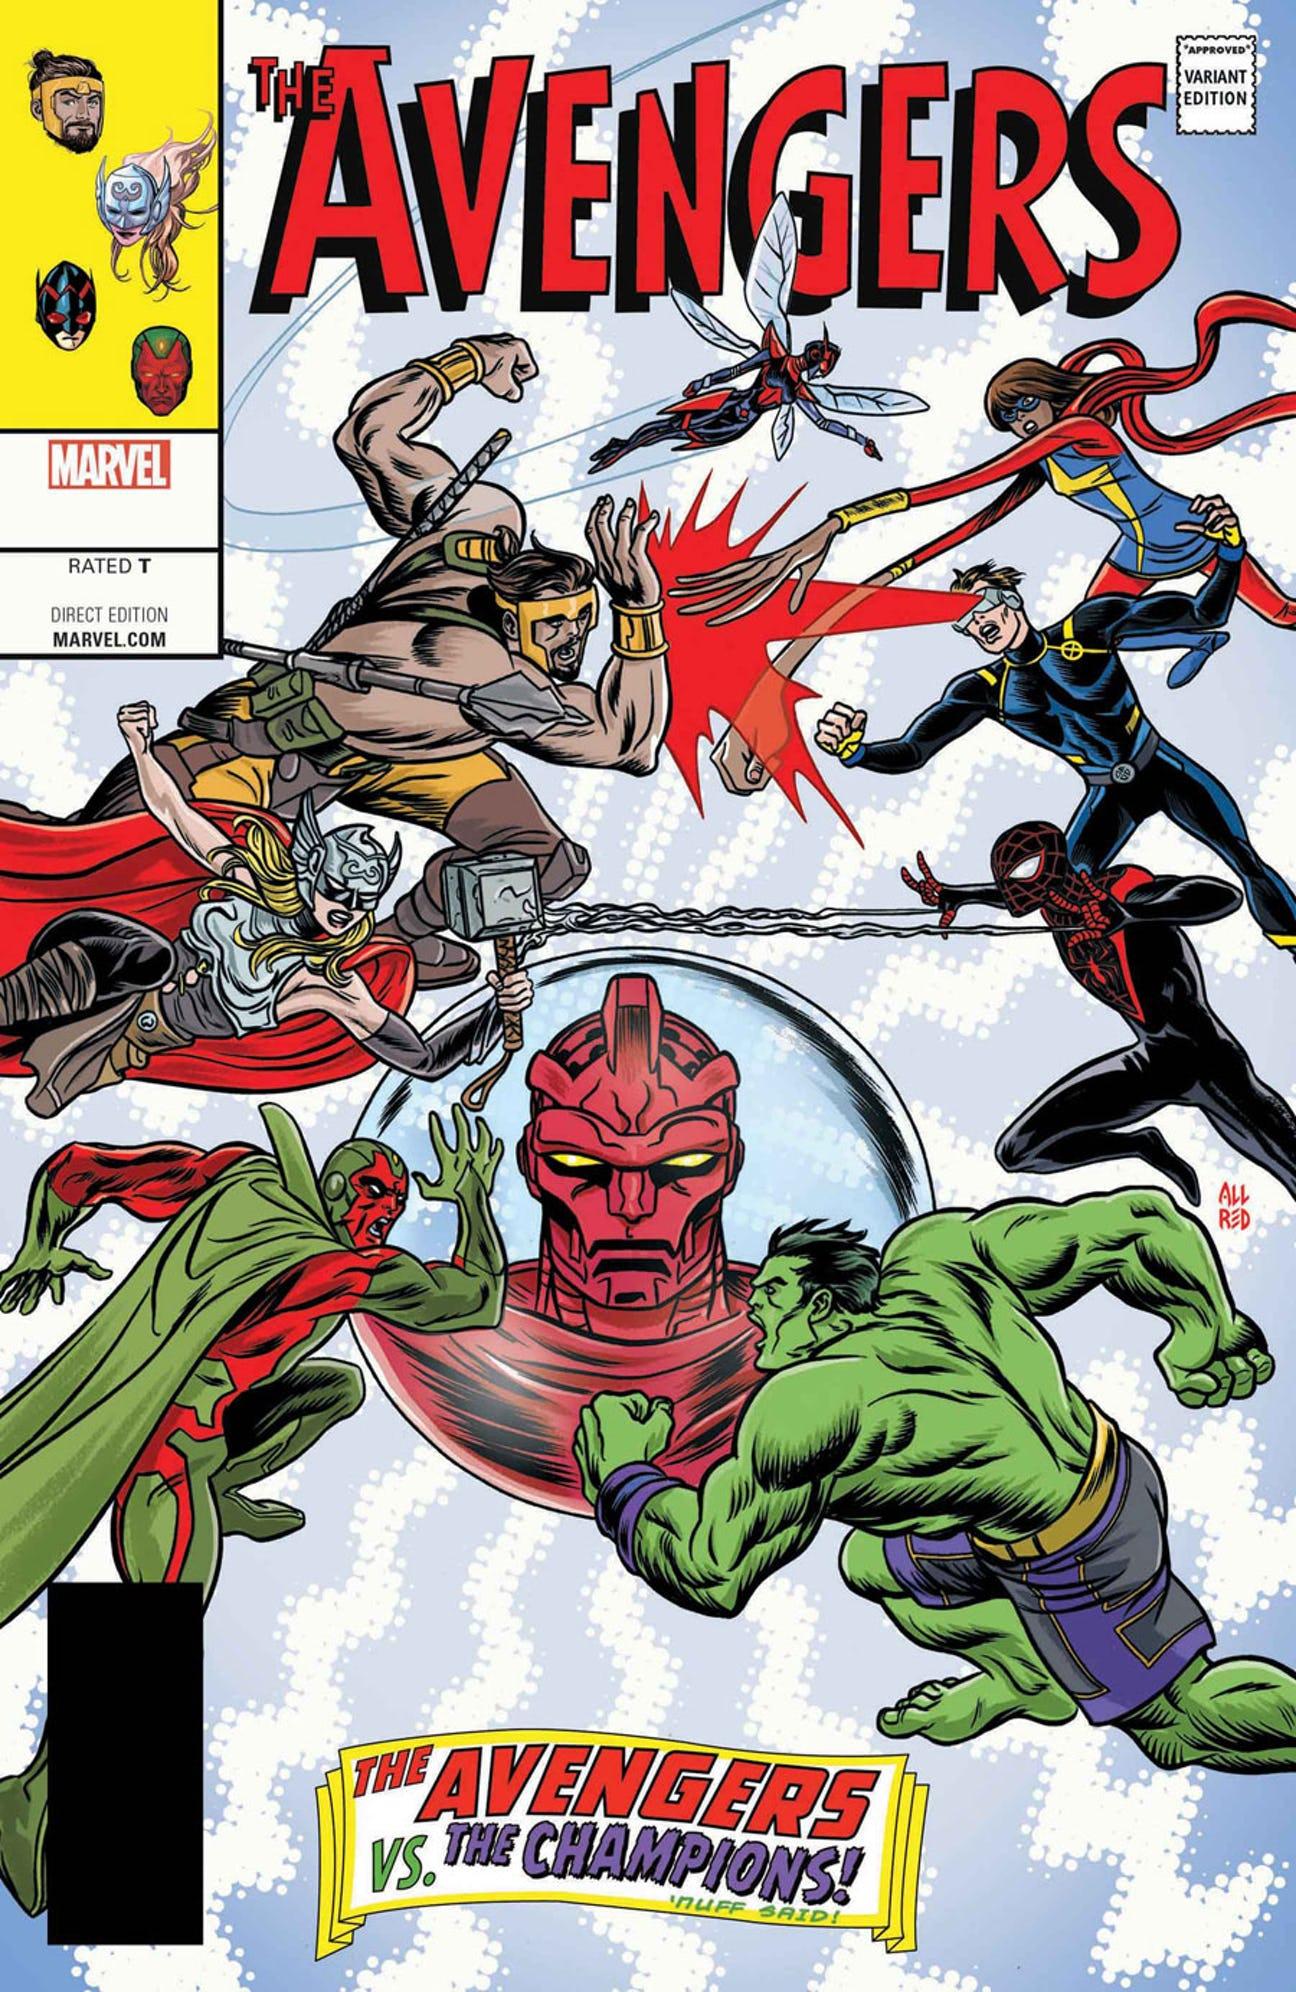 Avengers Vol 1 672 Lenticular Homage Variant.jpg